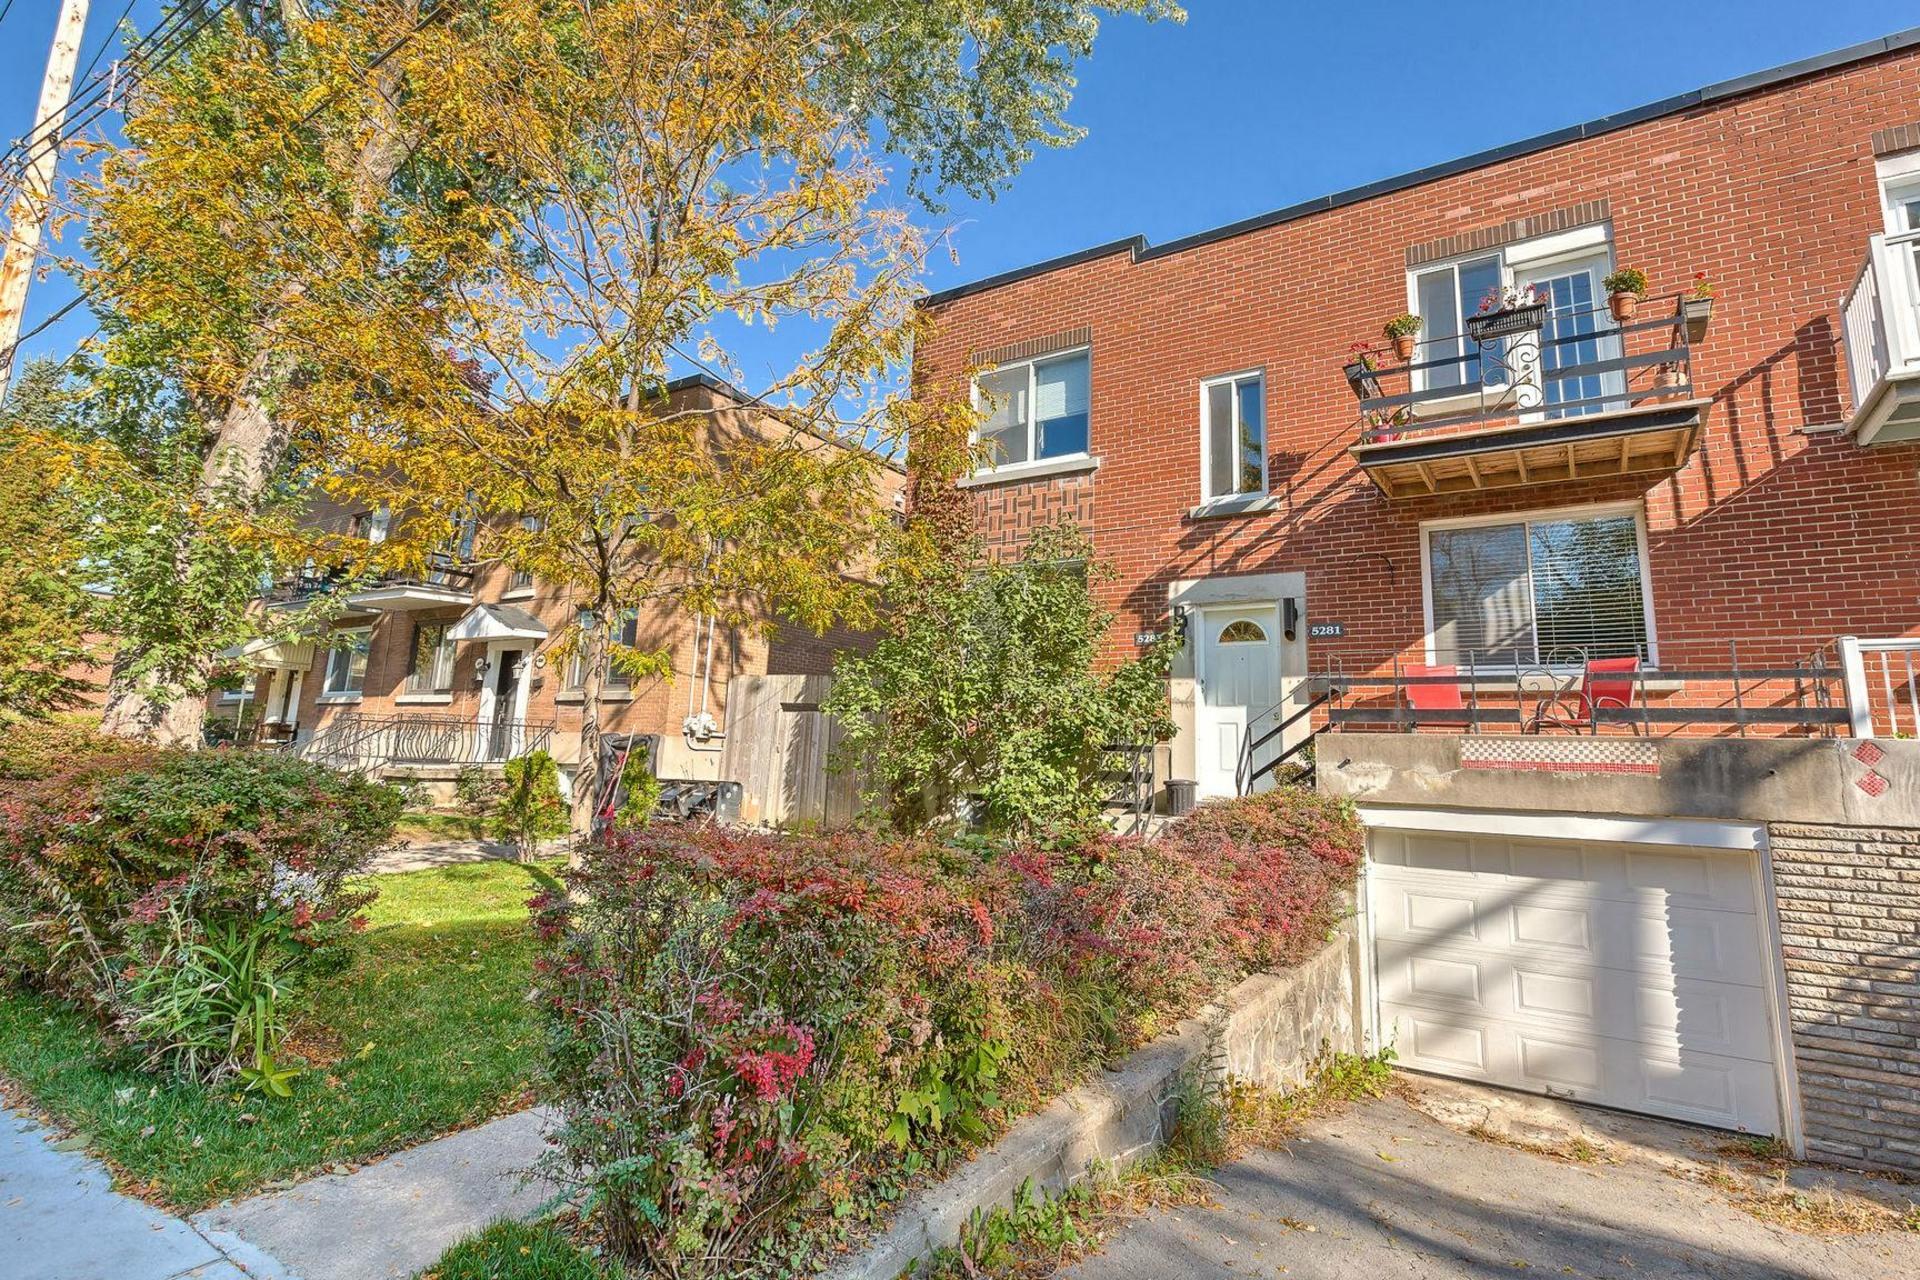 image 27 - Duplex À vendre Côte-des-Neiges/Notre-Dame-de-Grâce Montréal  - 5 pièces